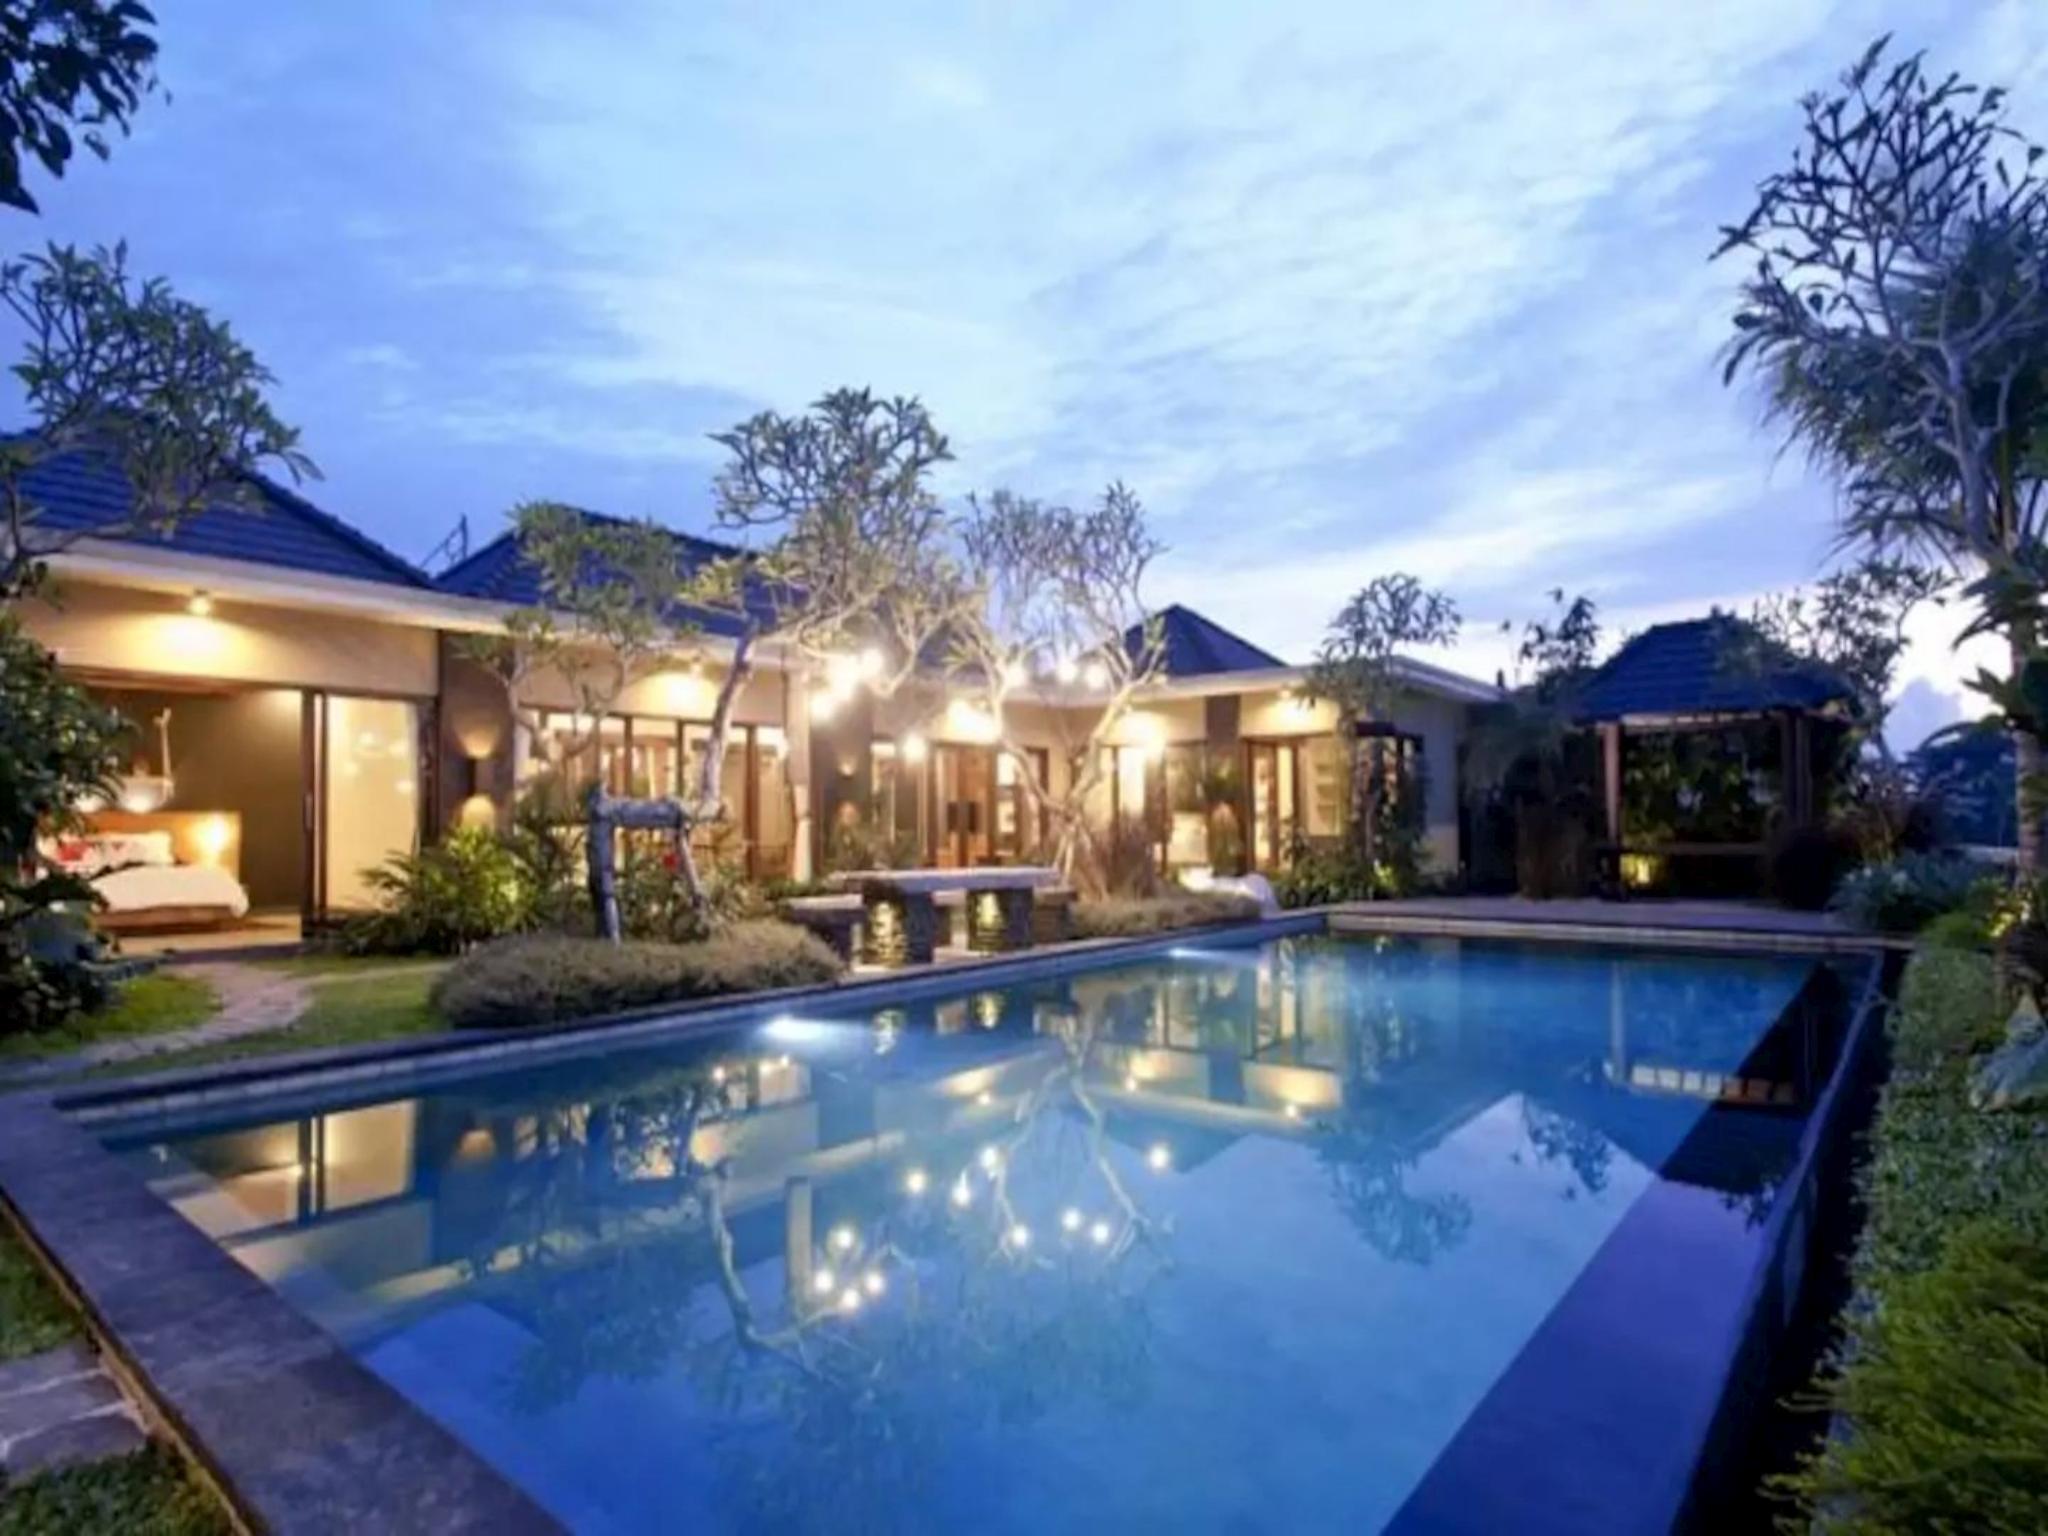 3 Bedroom Villa Virgin Ubud Entire Villa Bali Deals Photos Reviews